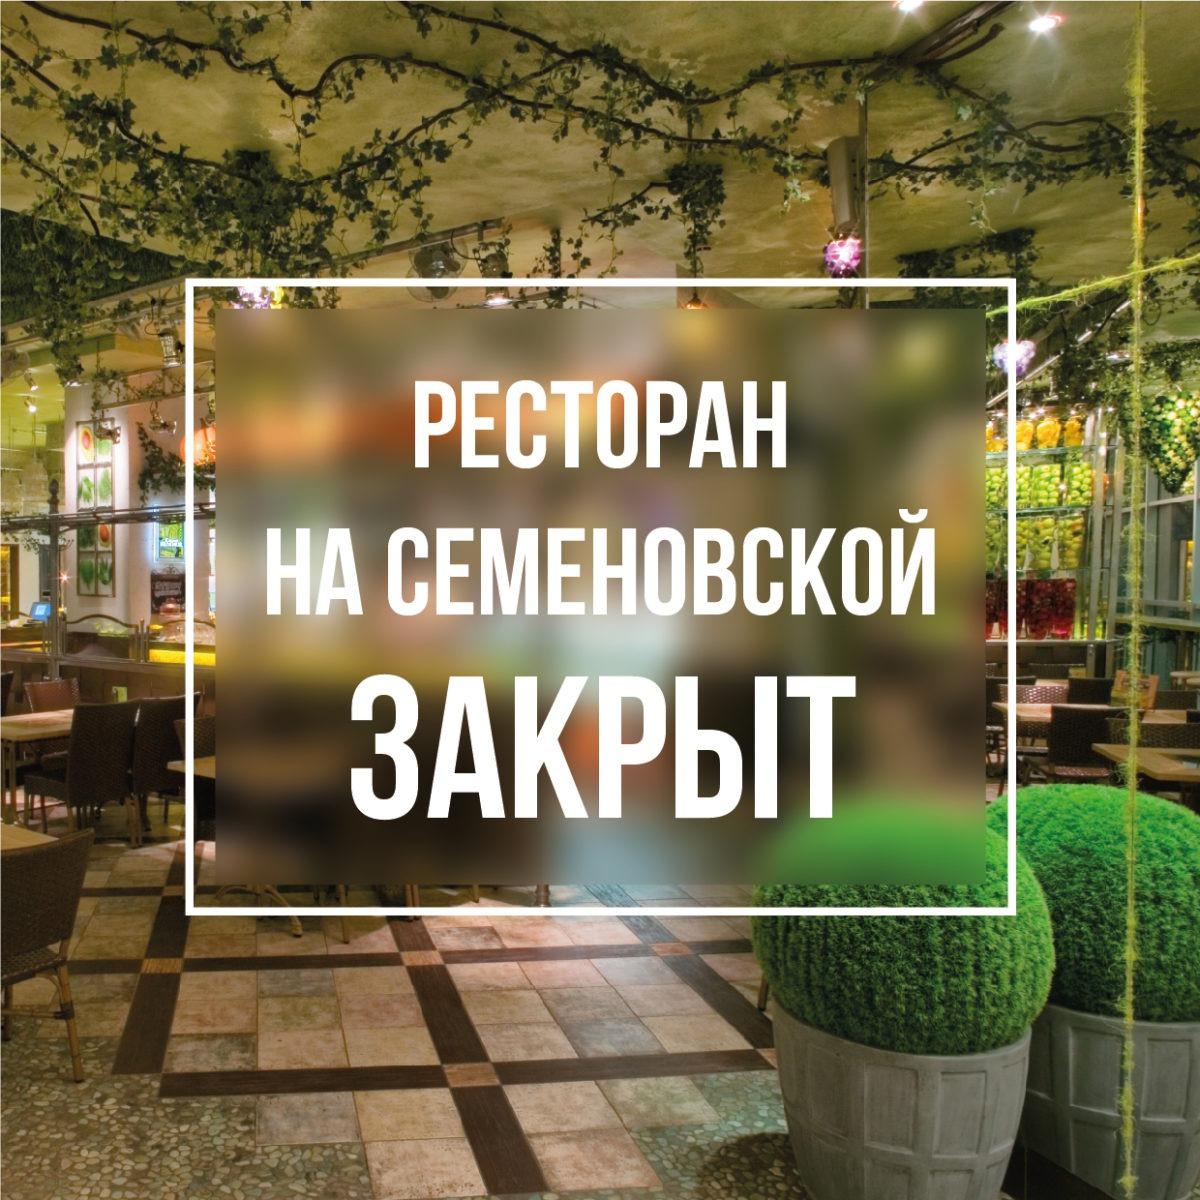 Ресторан «Грабли» на Семеновской закрыт!